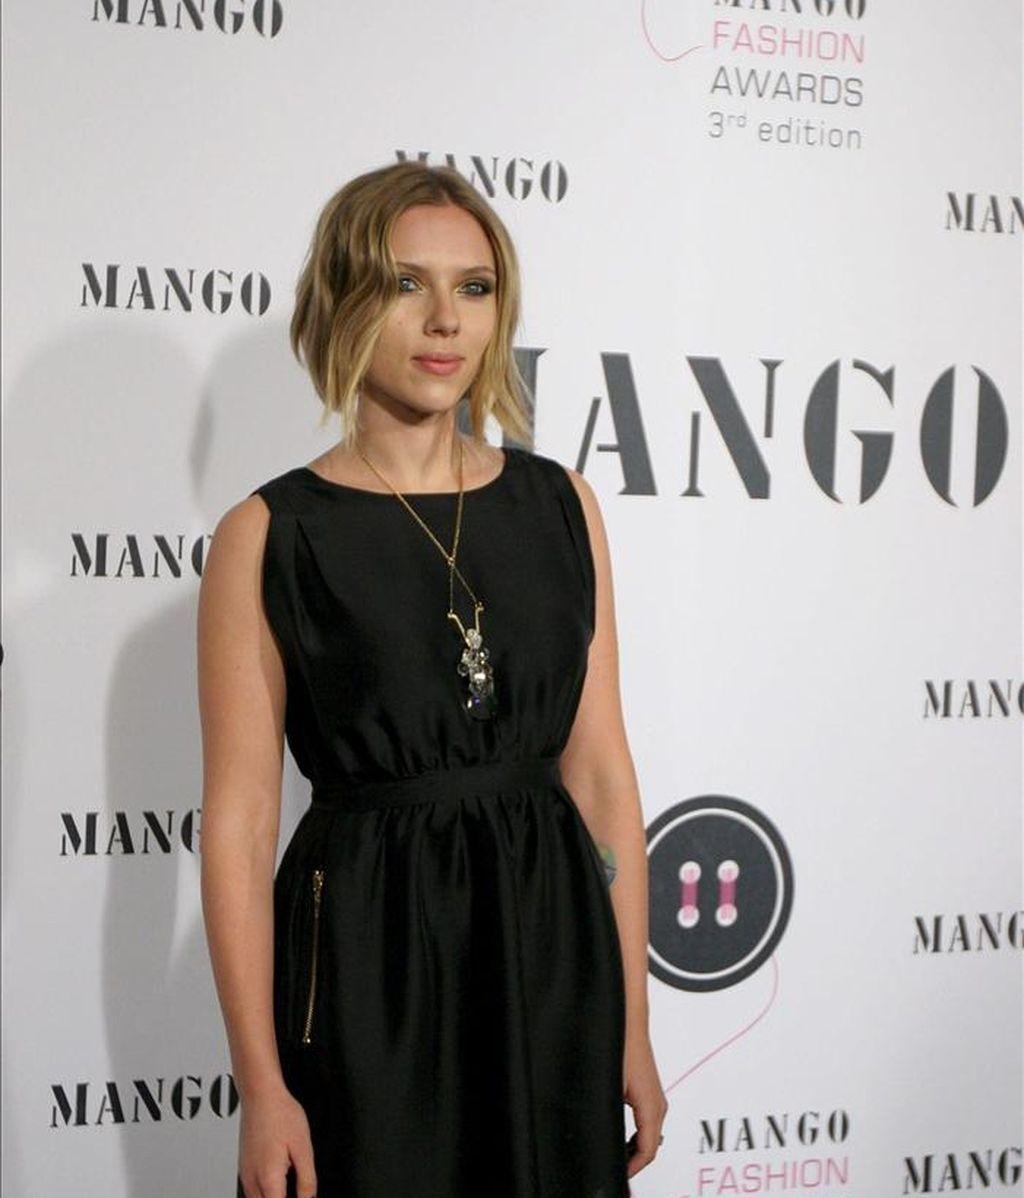 La actriz norteamericana Scarlett Johansson. EFE/Archivo